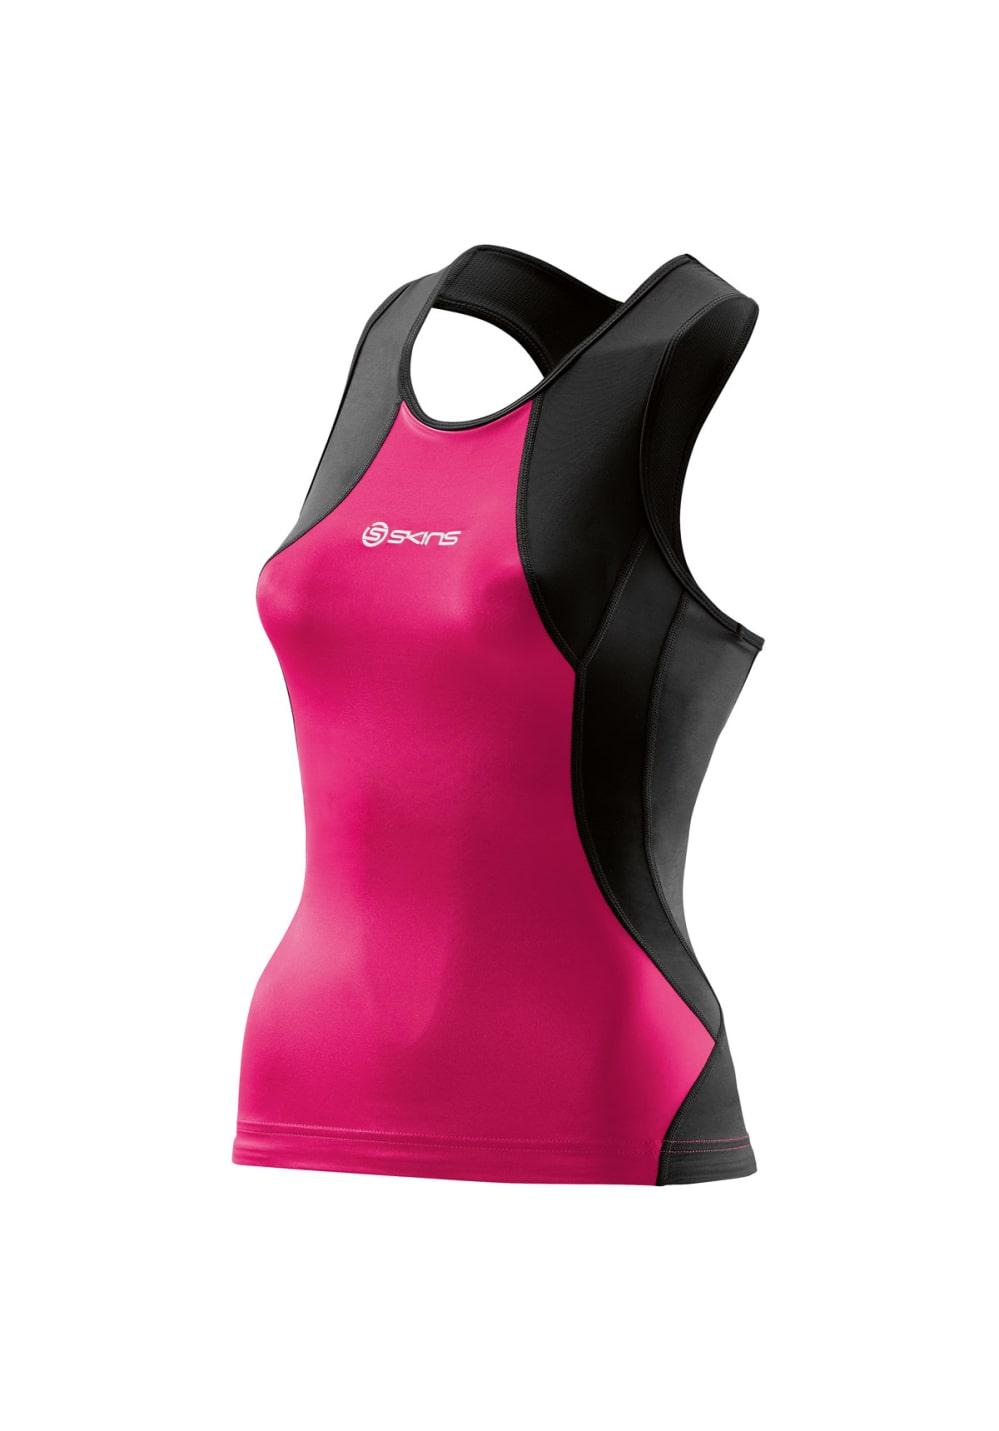 Skins Tri 400 Racer Back Top - Laufshirts für Damen - Pink, Gr. FS